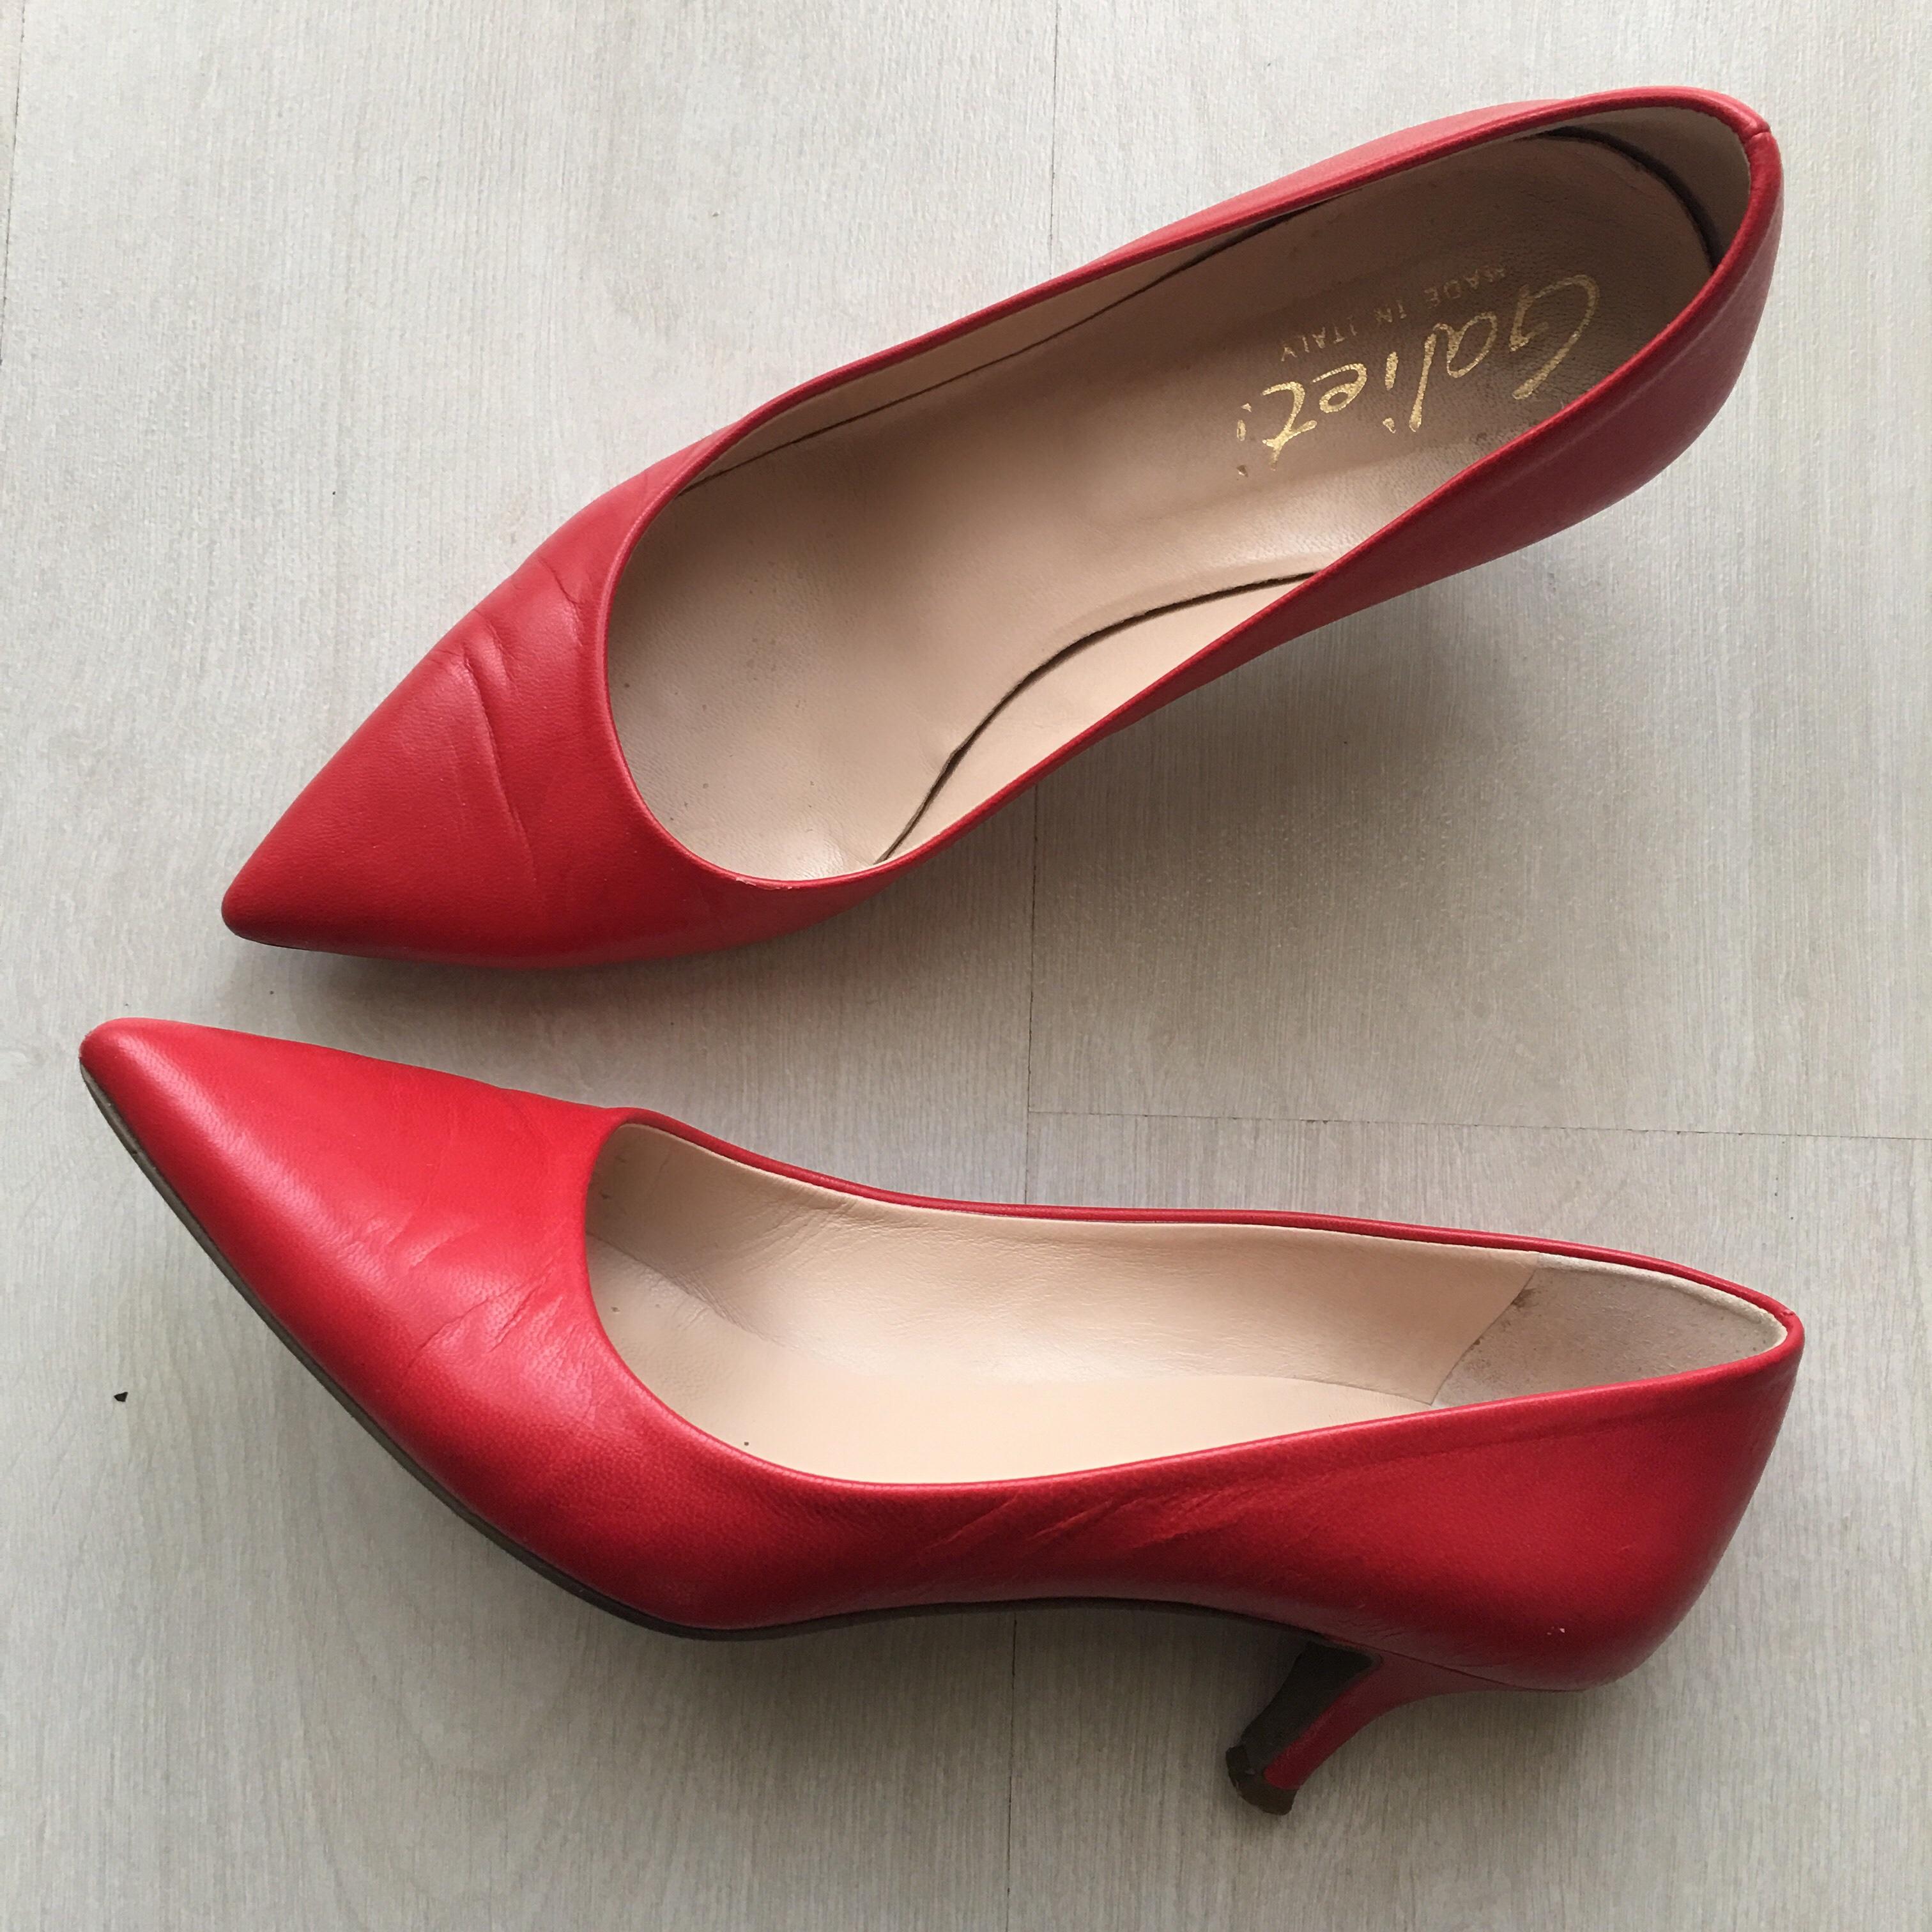 vestito nero con scarpe rosse e giacca rossa